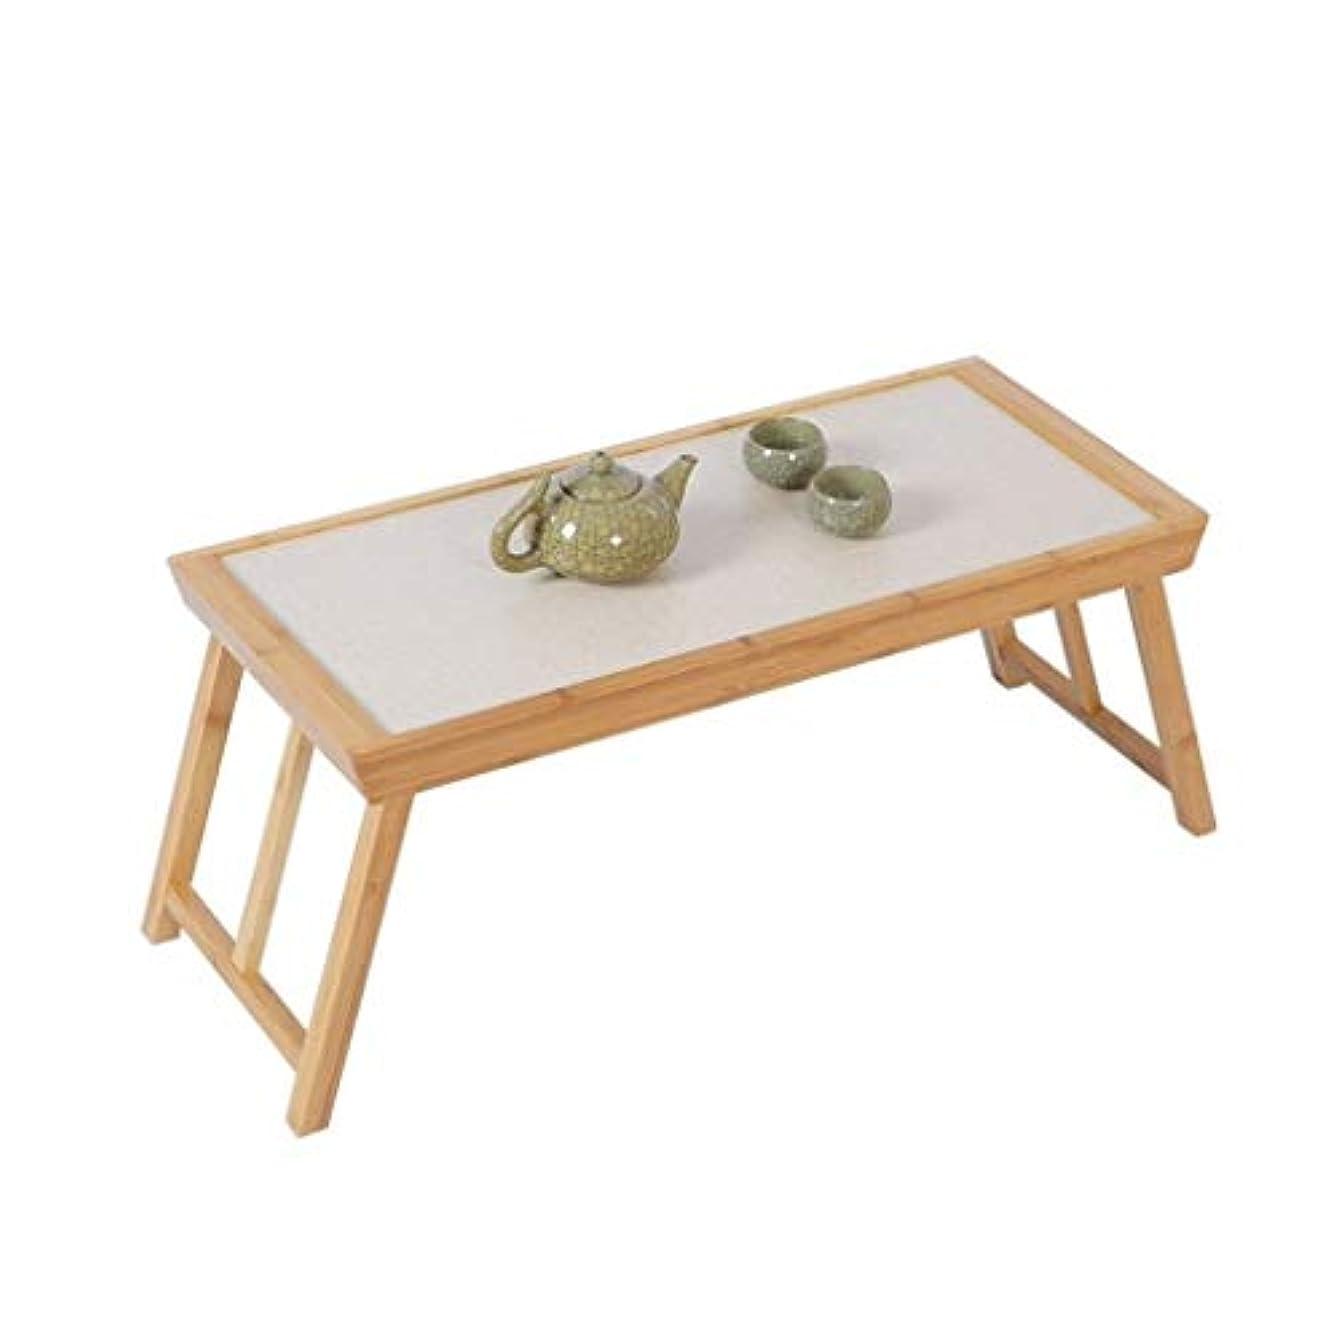 舌な追い払う生理Yalztc-zyq16 折りたたみテーブル出窓テーブル和風シンプル折りたたみテーブルコンピュータテーブル小さなコーヒーテーブルローテーブルテーブル